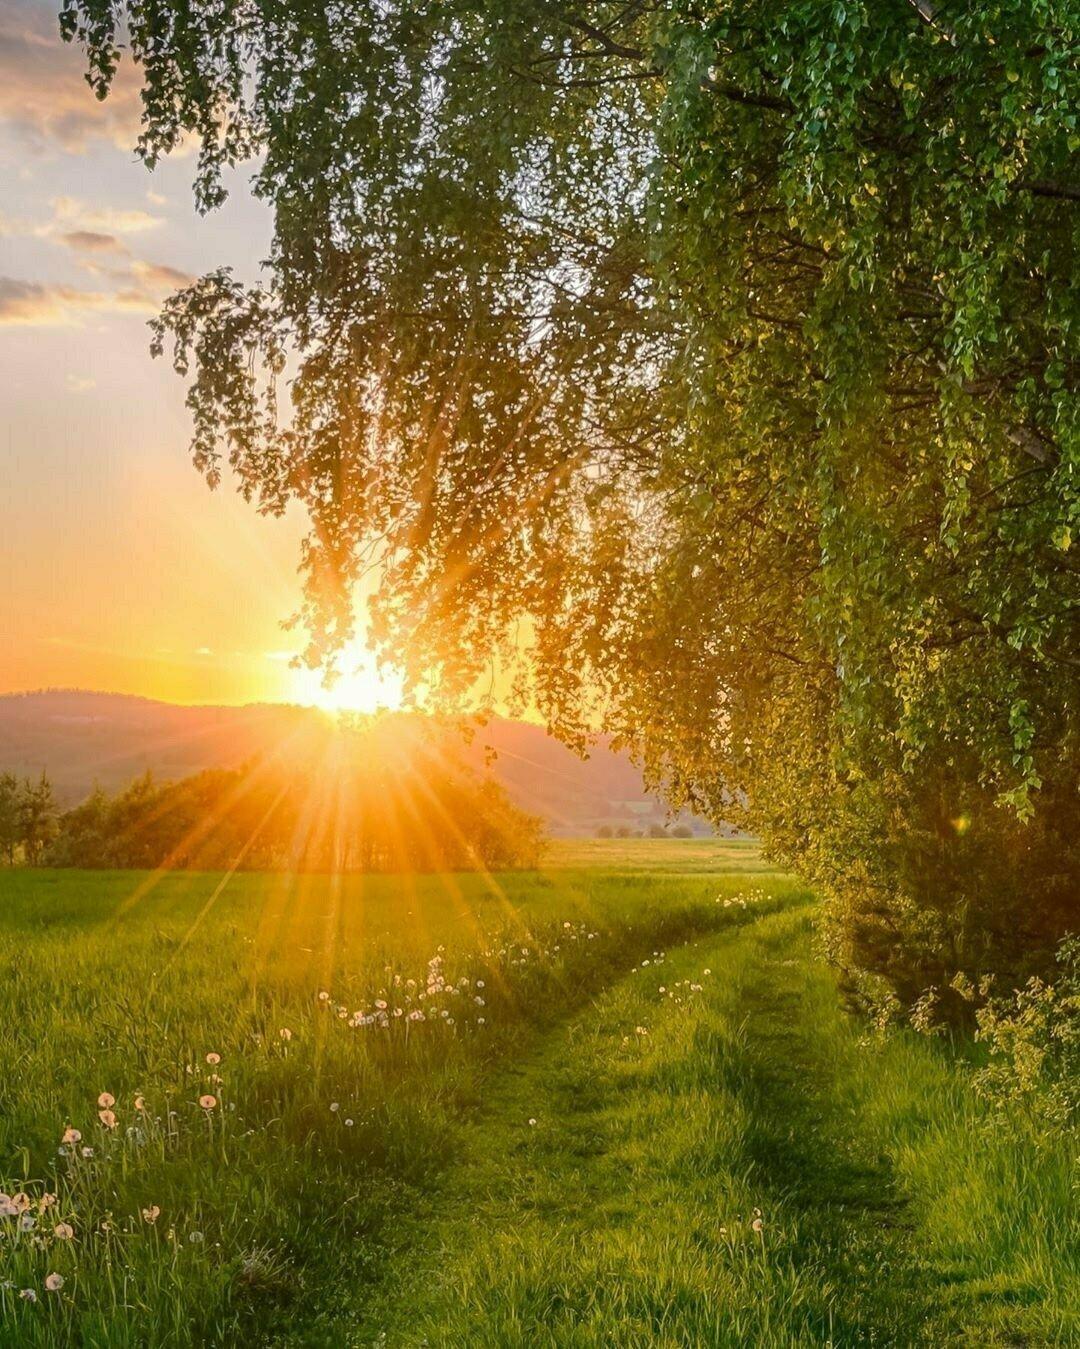 солнечное утро картинки красивые необычные нежные можете себе